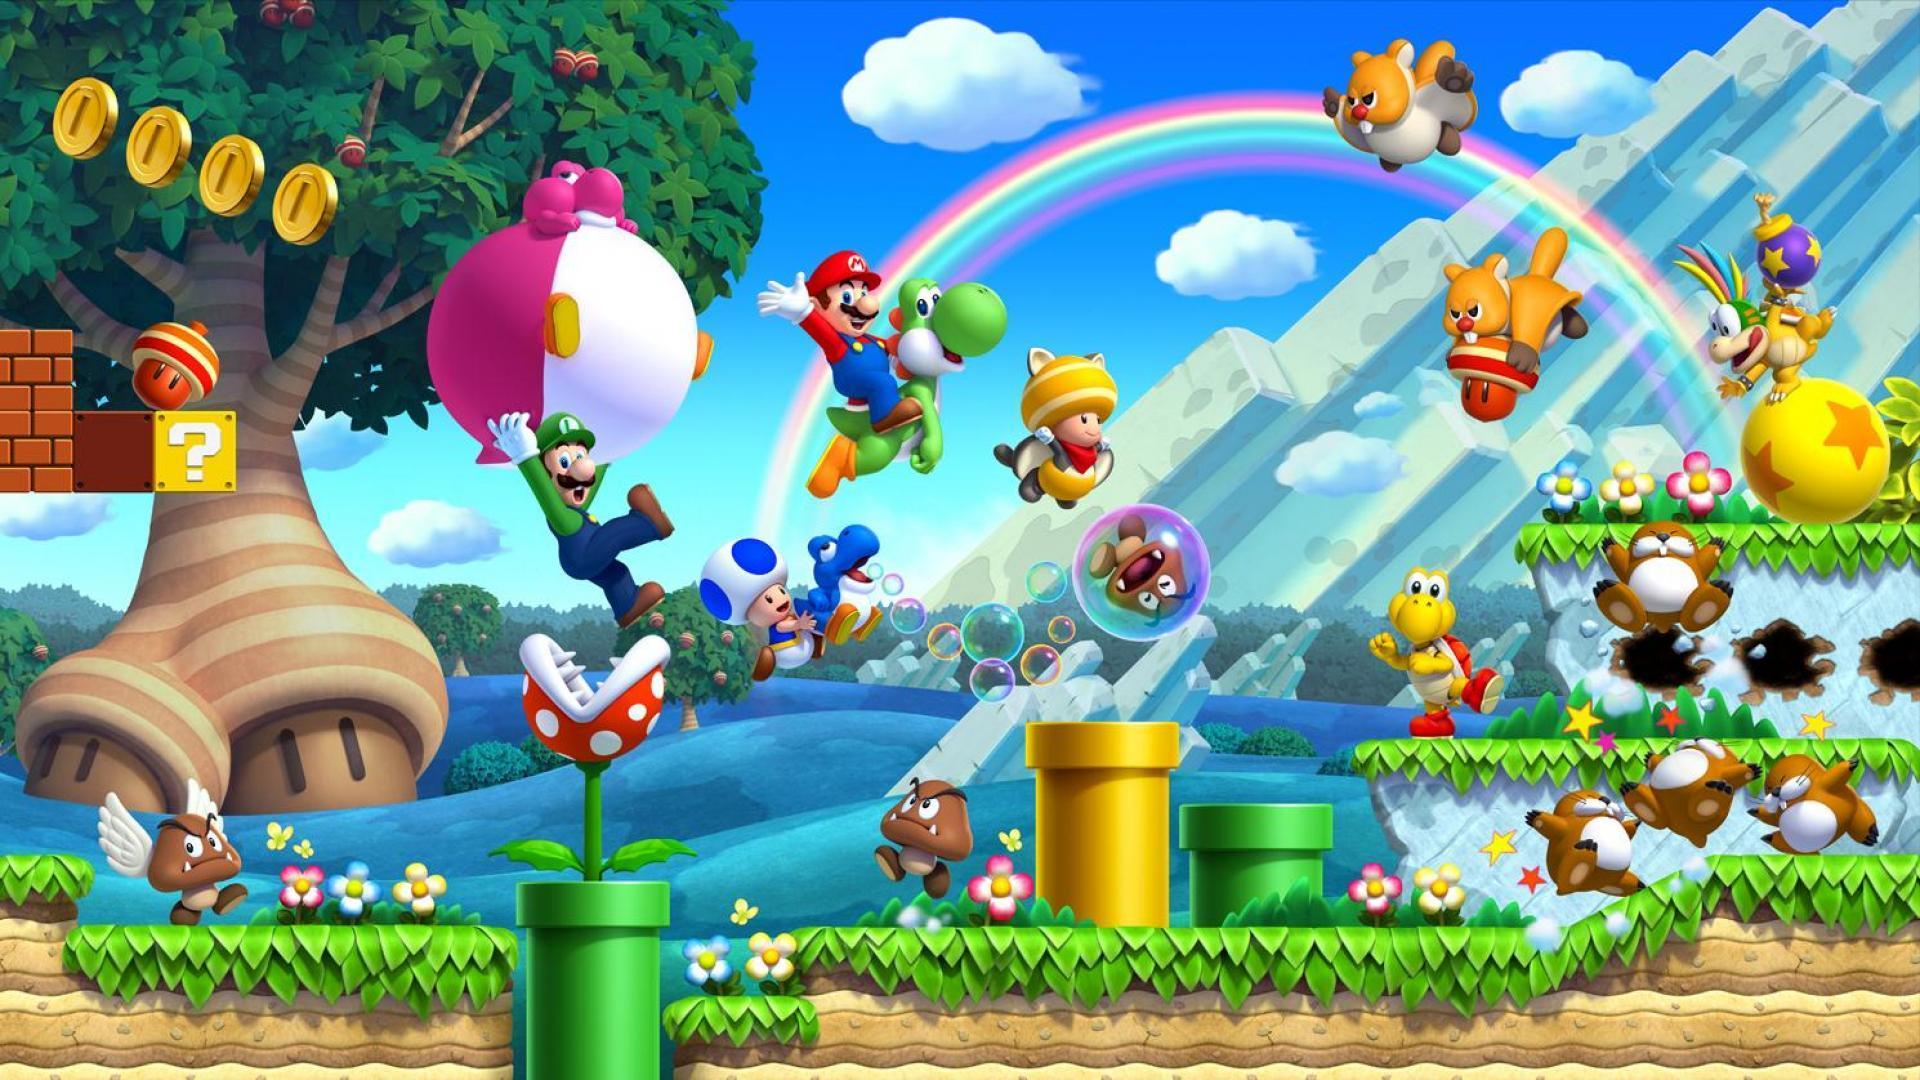 Mario Desktop Backgrounds: Super Mario Desktop Wallpaper (Wii U